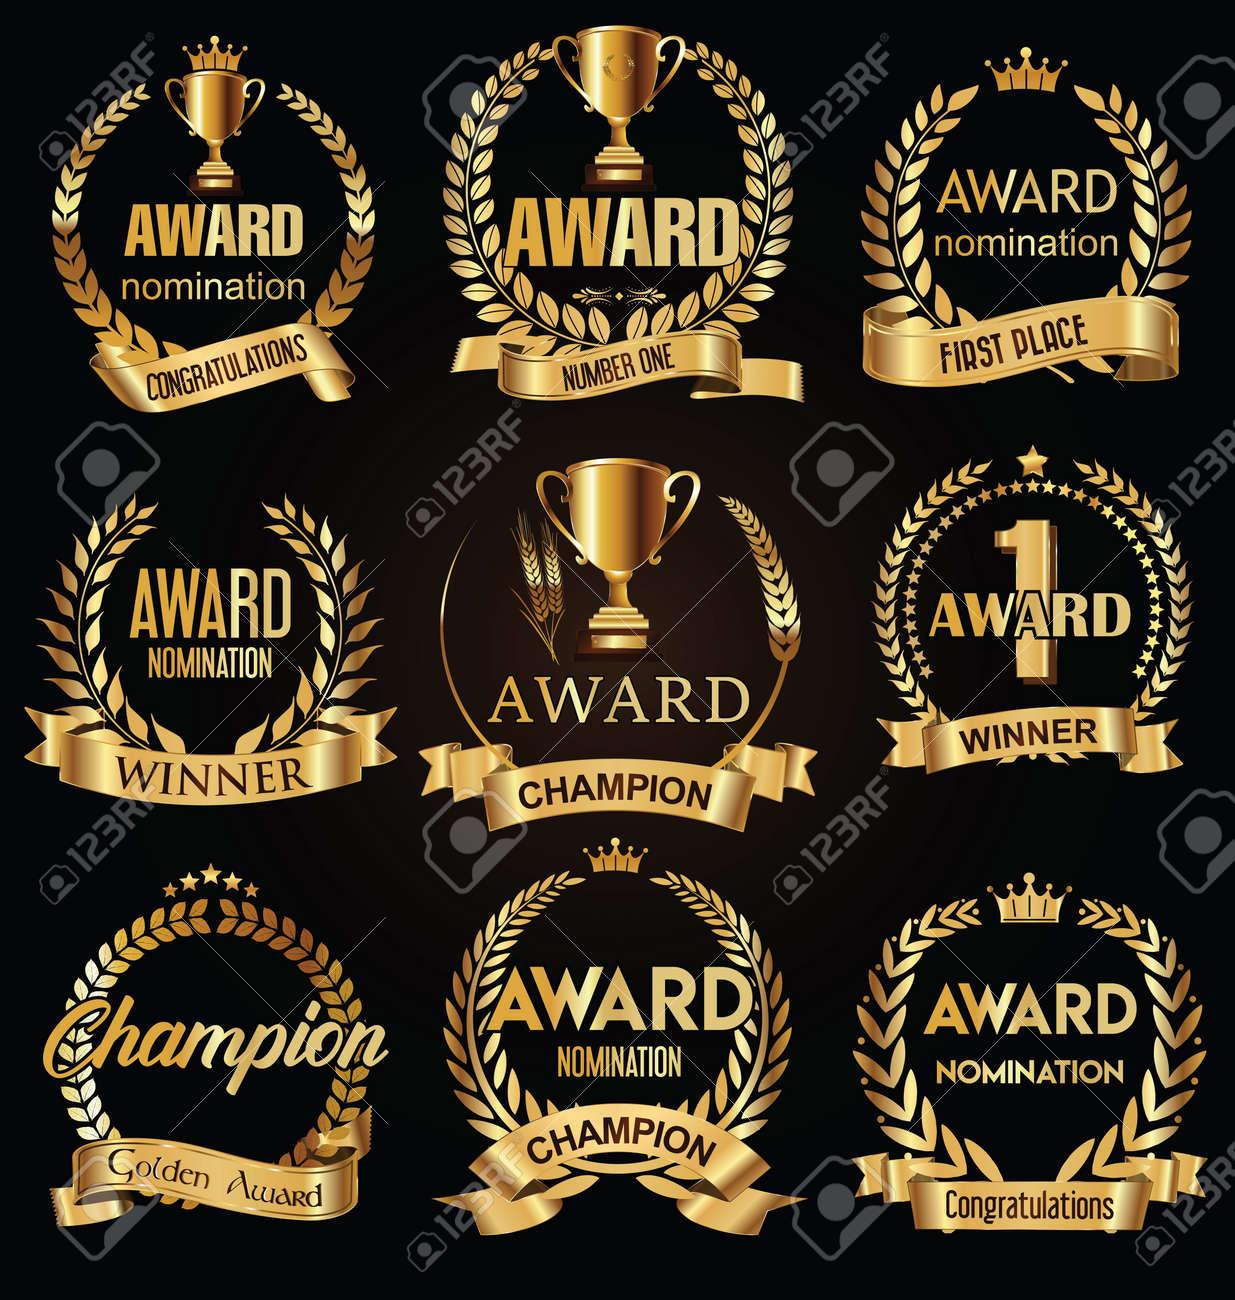 Award golden retro banner on black background - 156425957